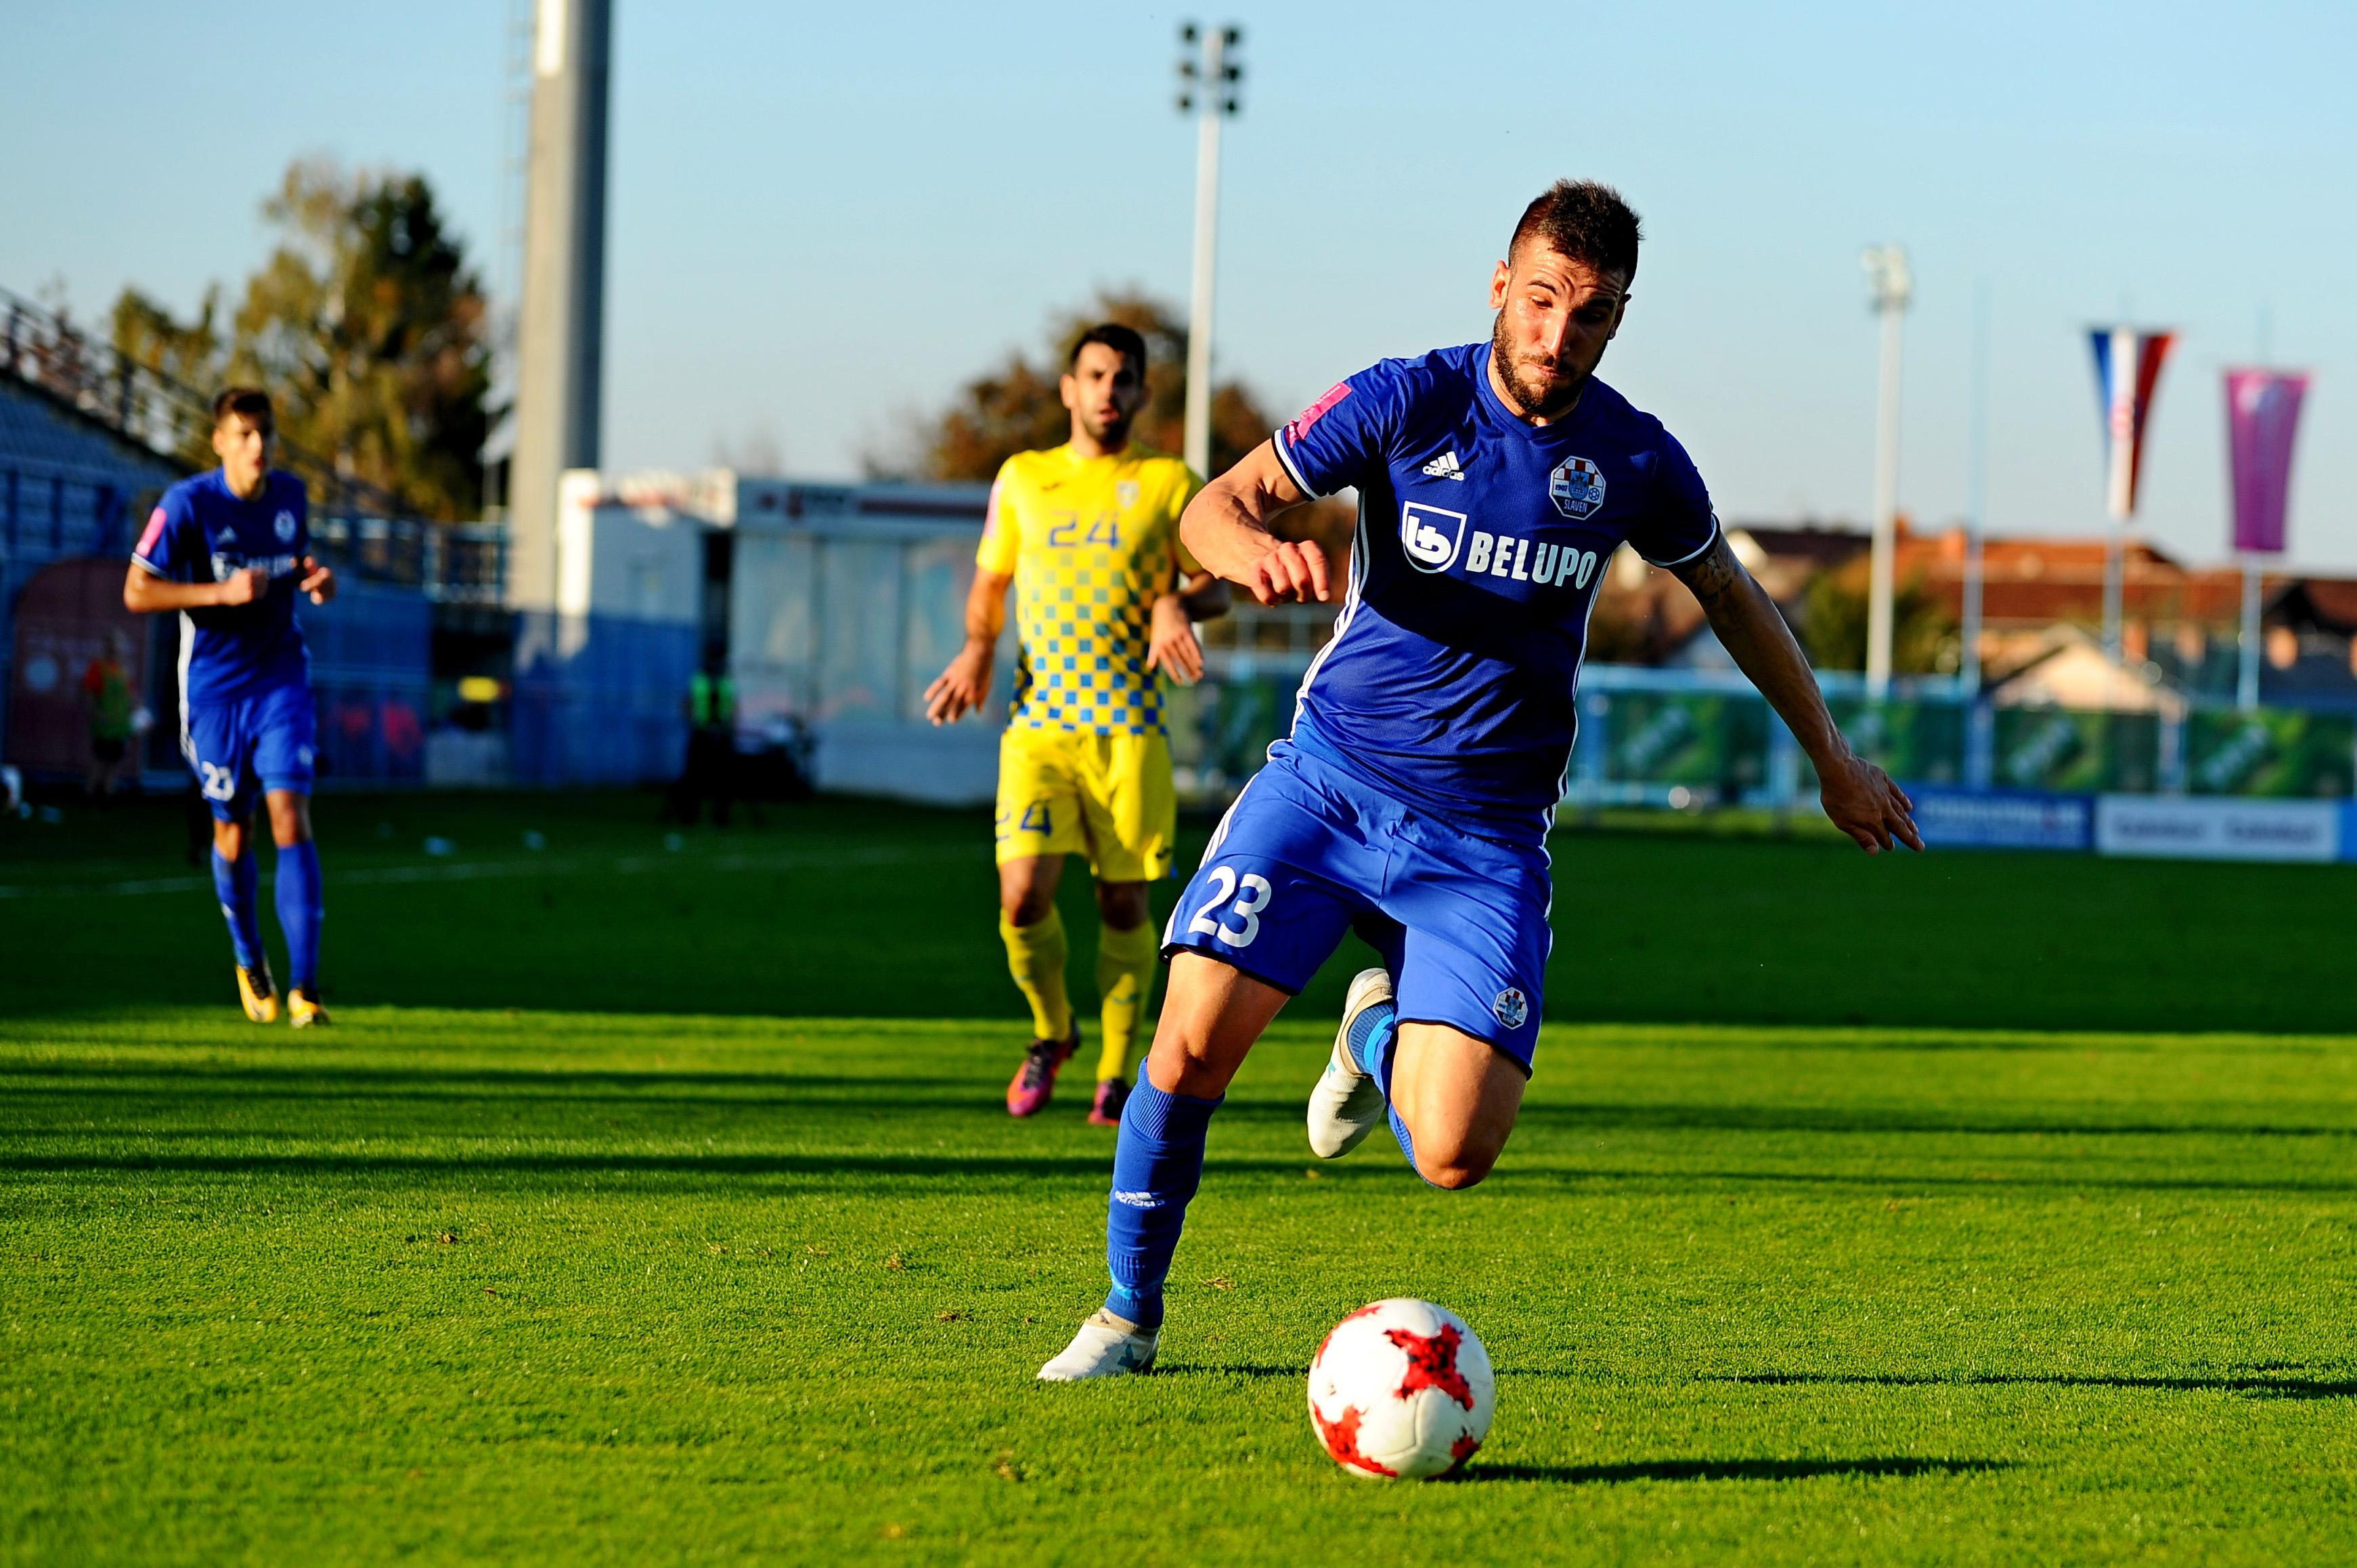 PRVA HNL Slaven Belupo – Inter 1-2